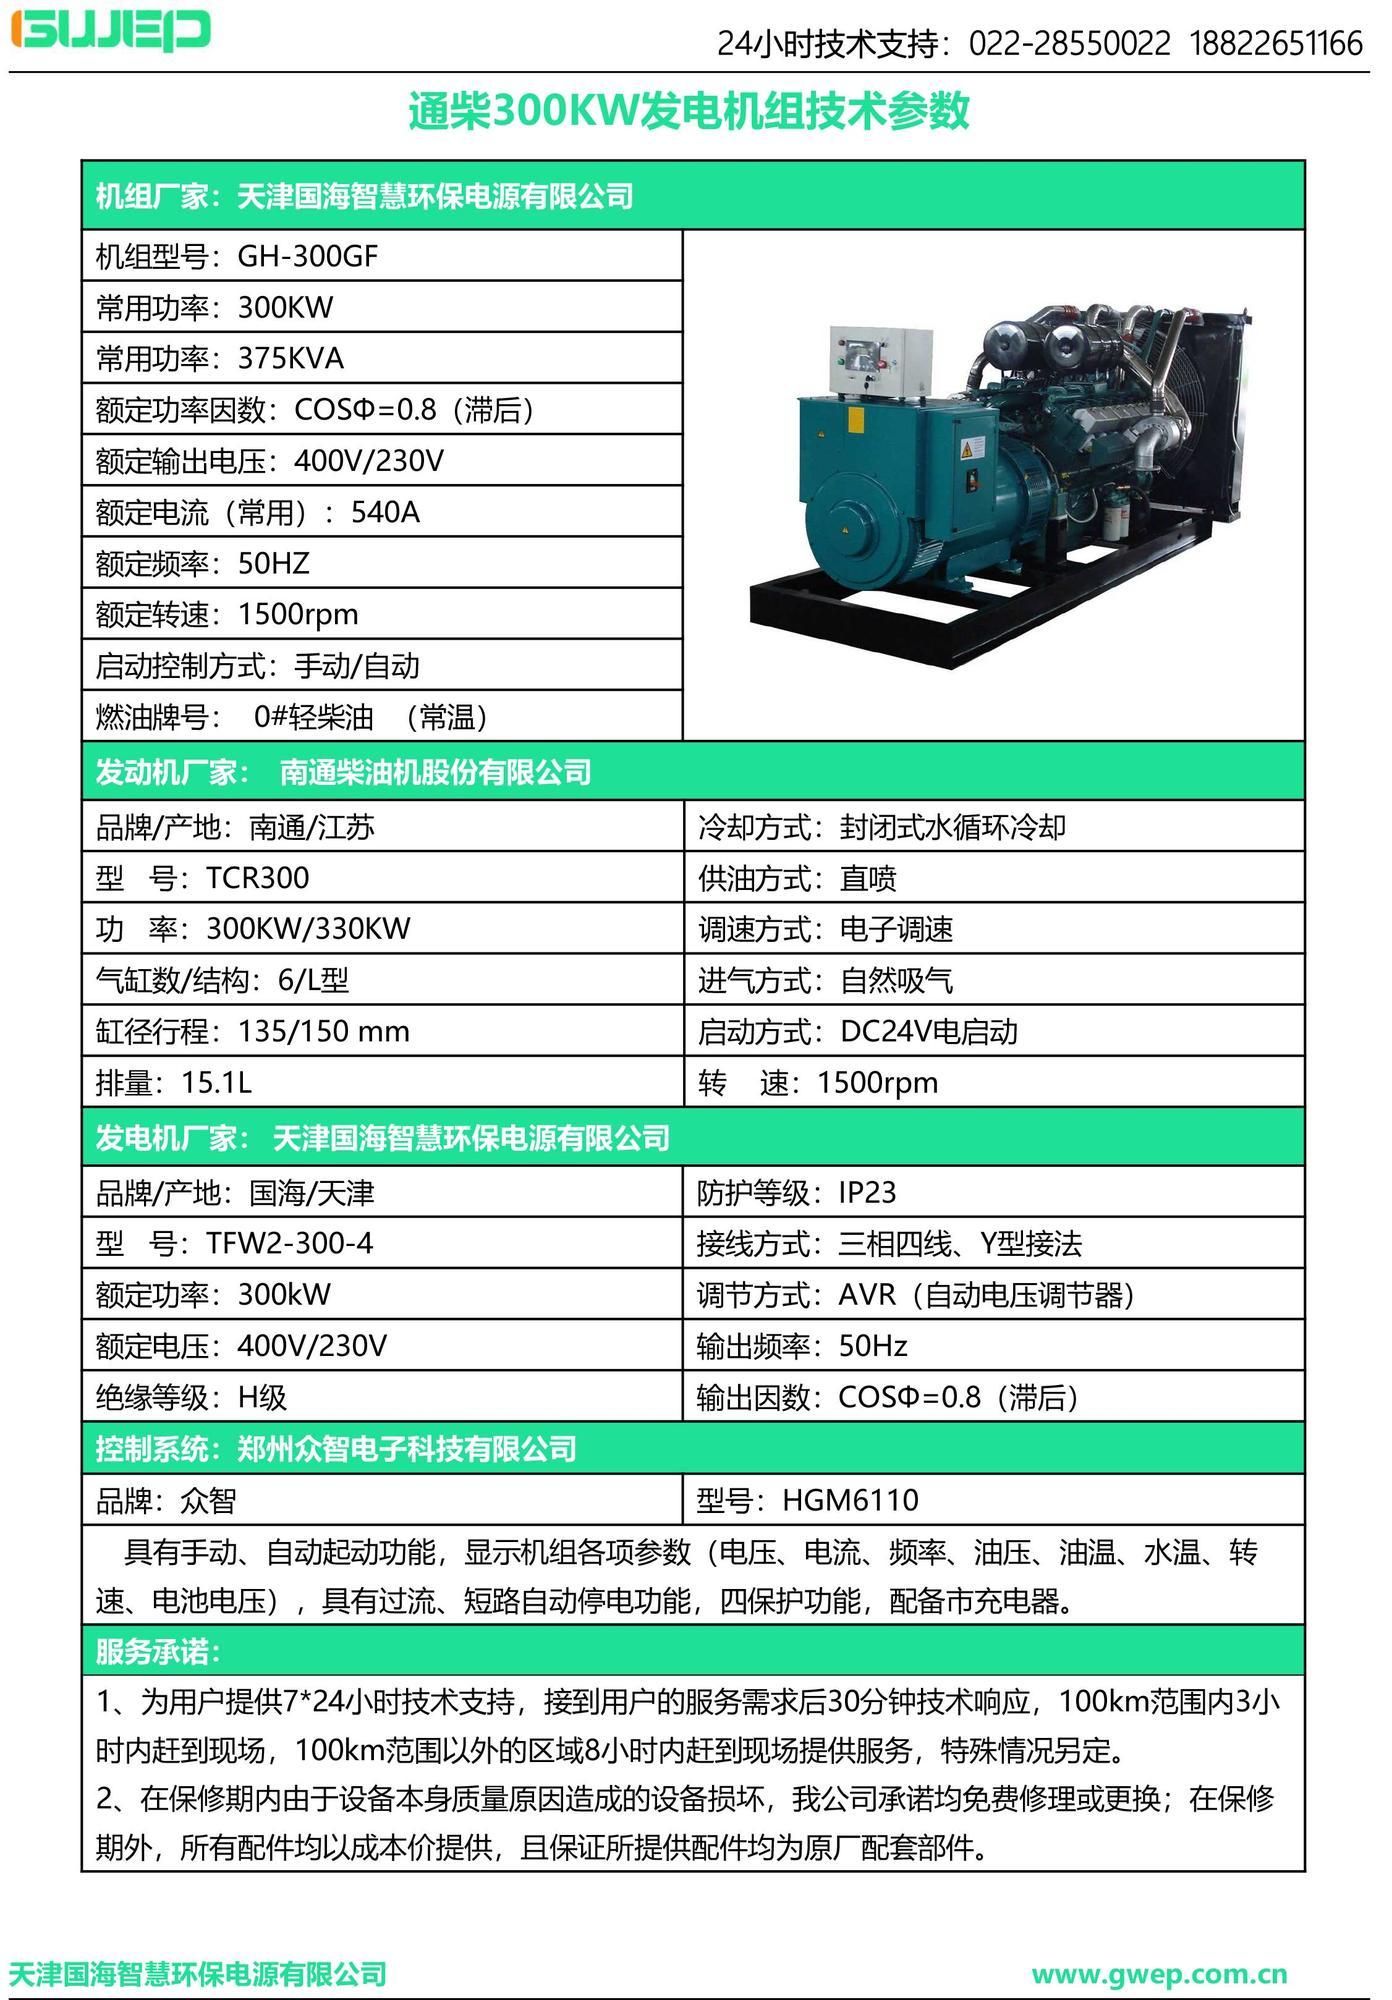 通柴300KW发电机组技术资料-2.jpg